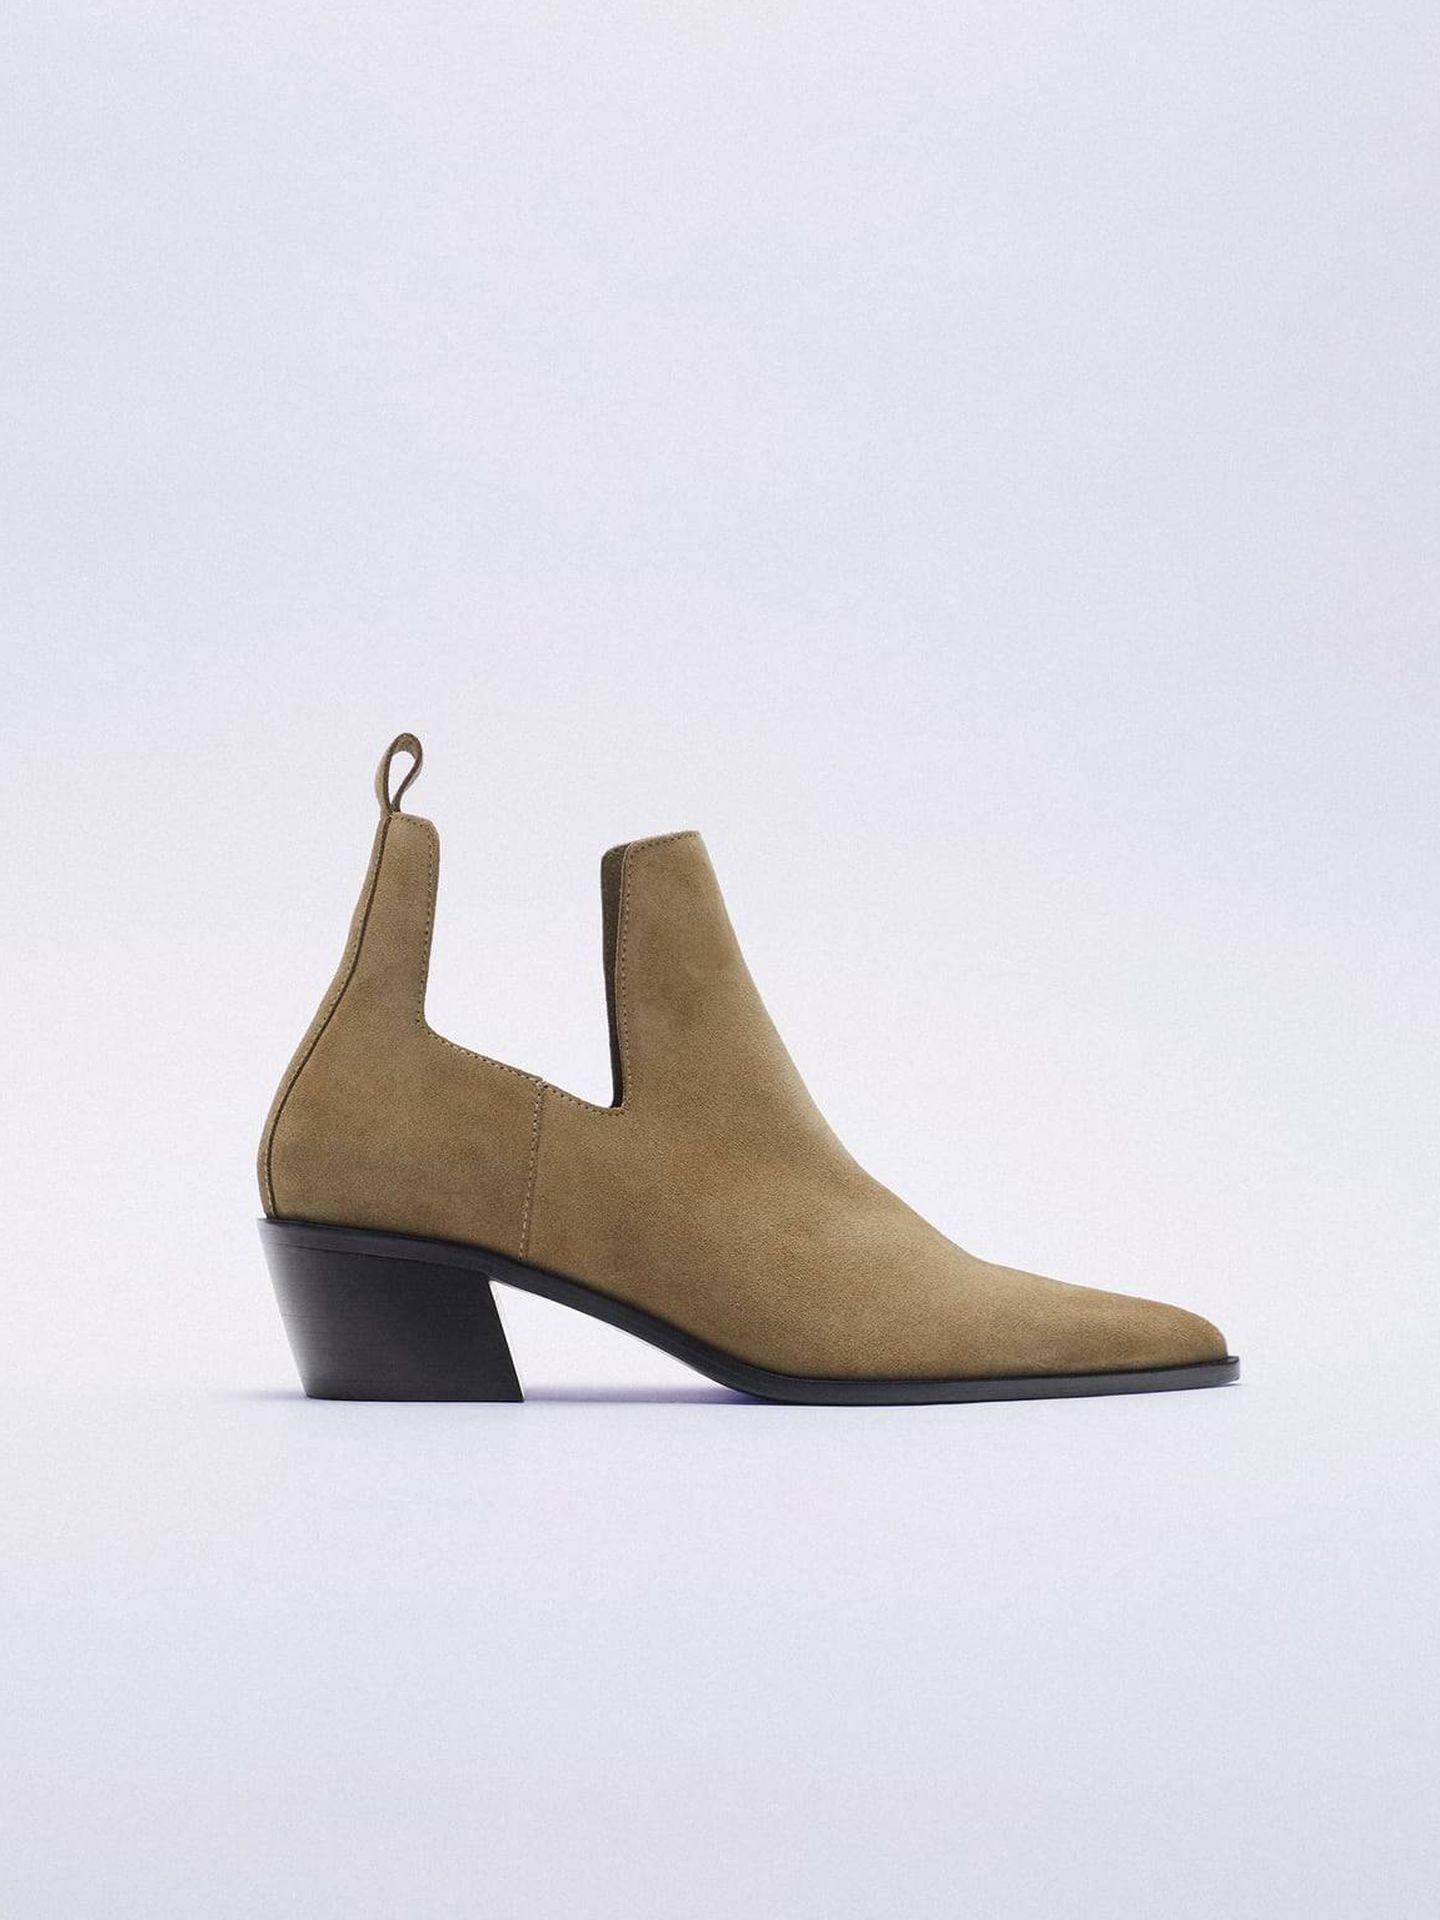 Botines de Zara. (Cortesía)